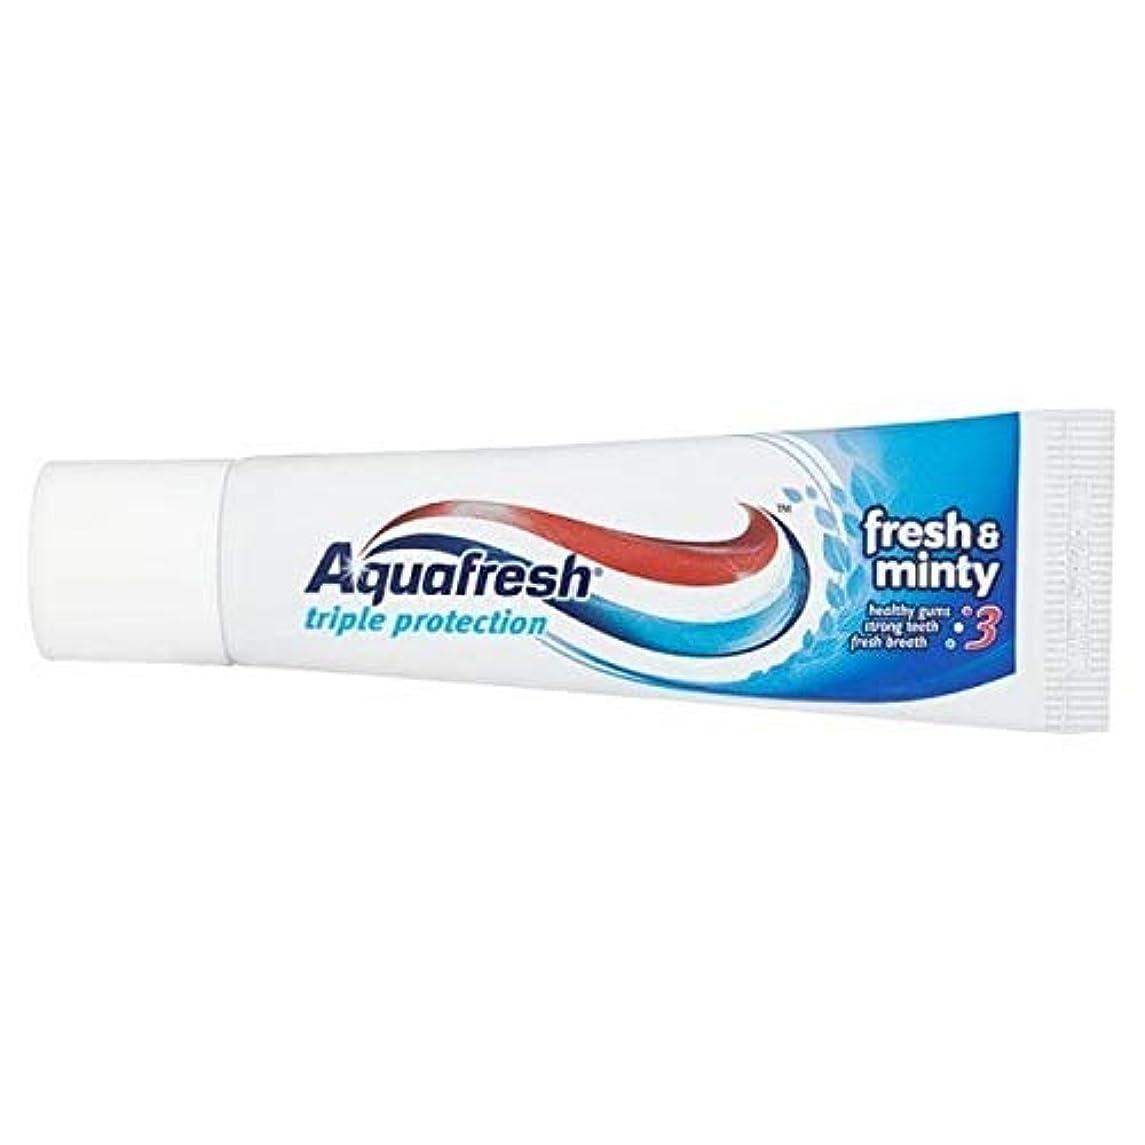 評価可能誓約服を着る[Aquafresh ] アクアフレッシュフレッシュ&ミントフッ化物歯磨き粉20ミリリットル - Aquafresh Fresh & Minty Fluoride Toothpaste 20ml [並行輸入品]